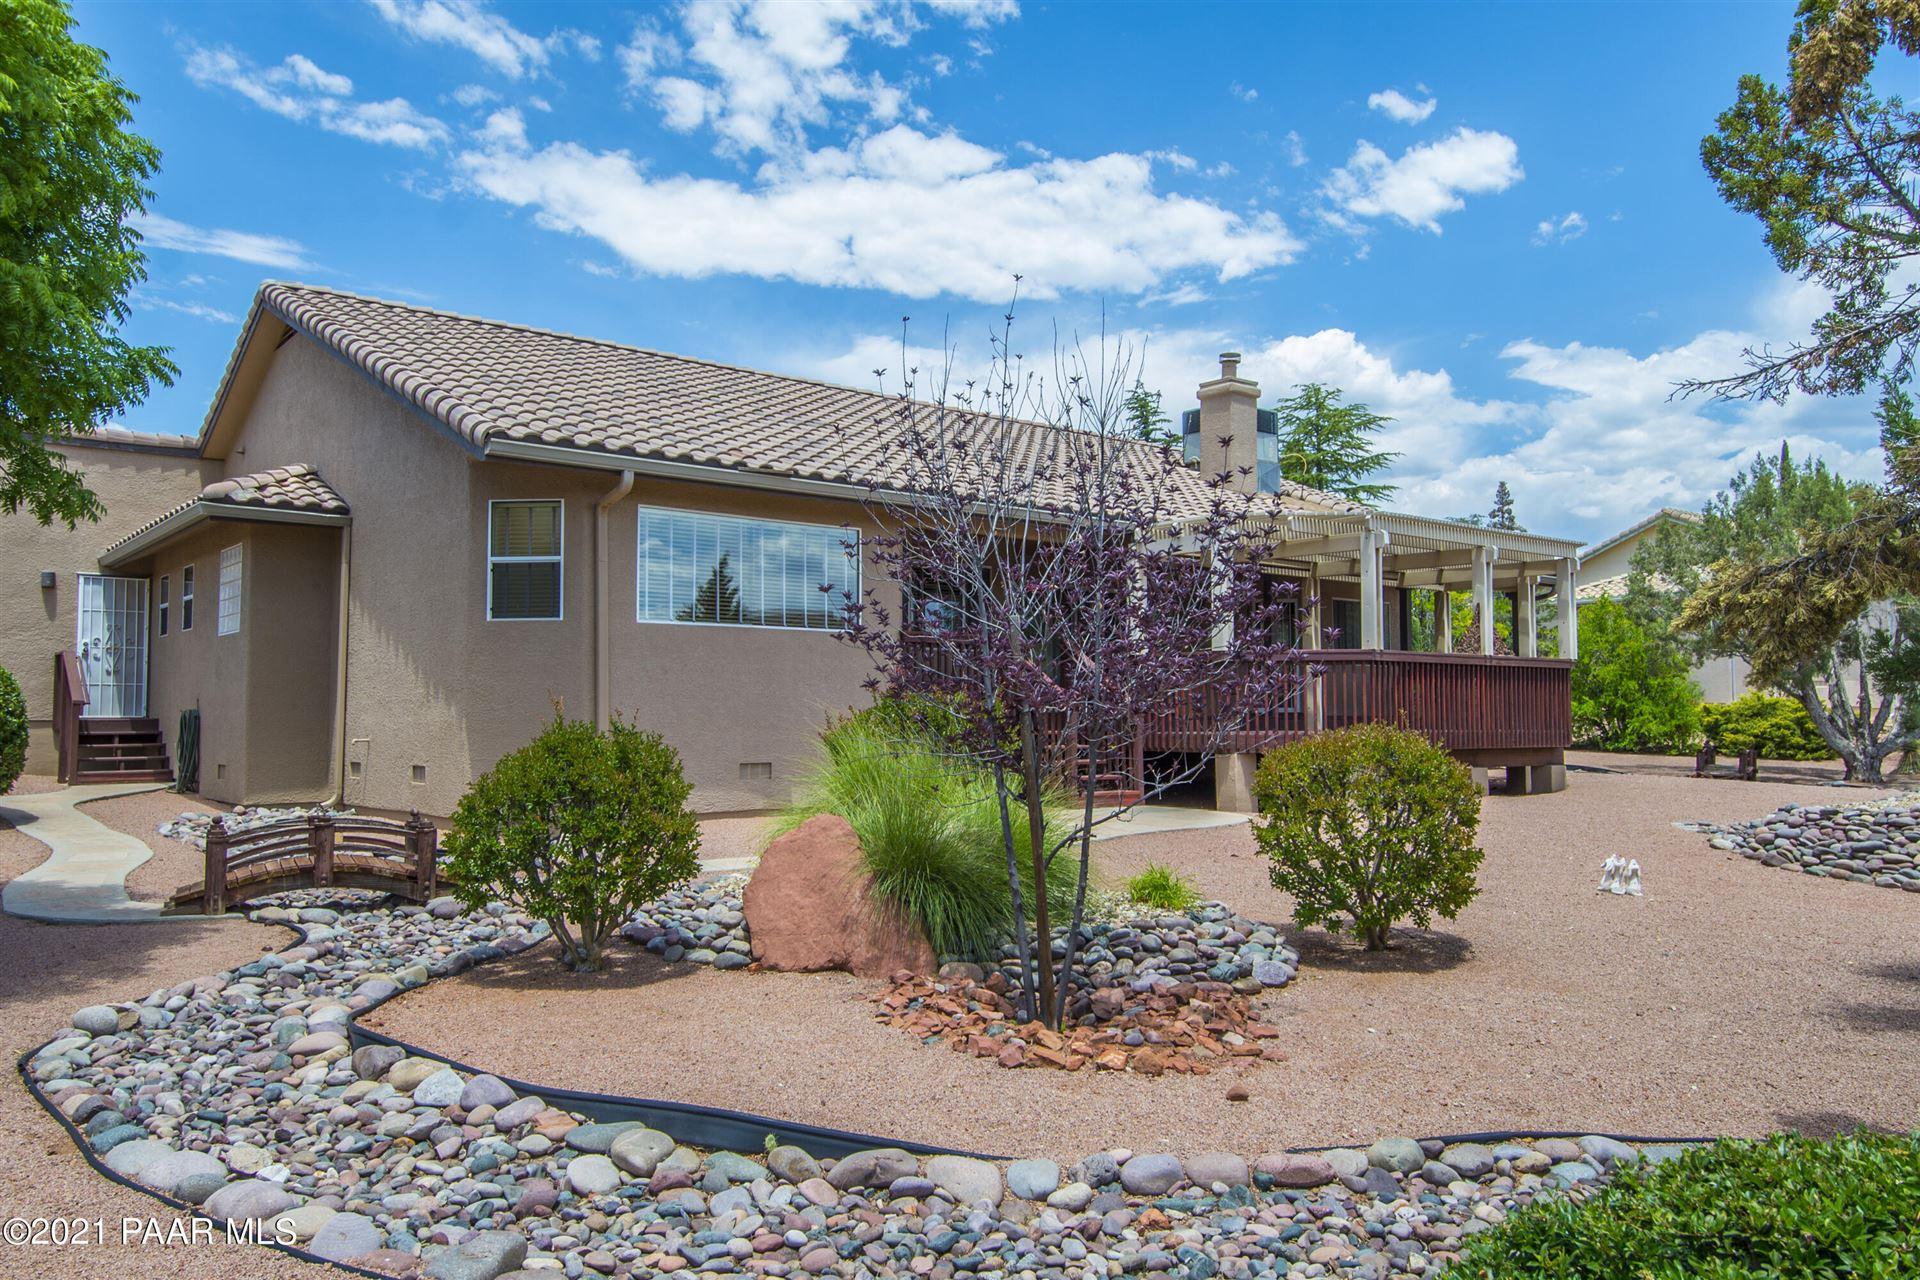 Photo of 140 E Lindsay Way #Lot: 74, Sedona, AZ 86351 (MLS # 1040560)